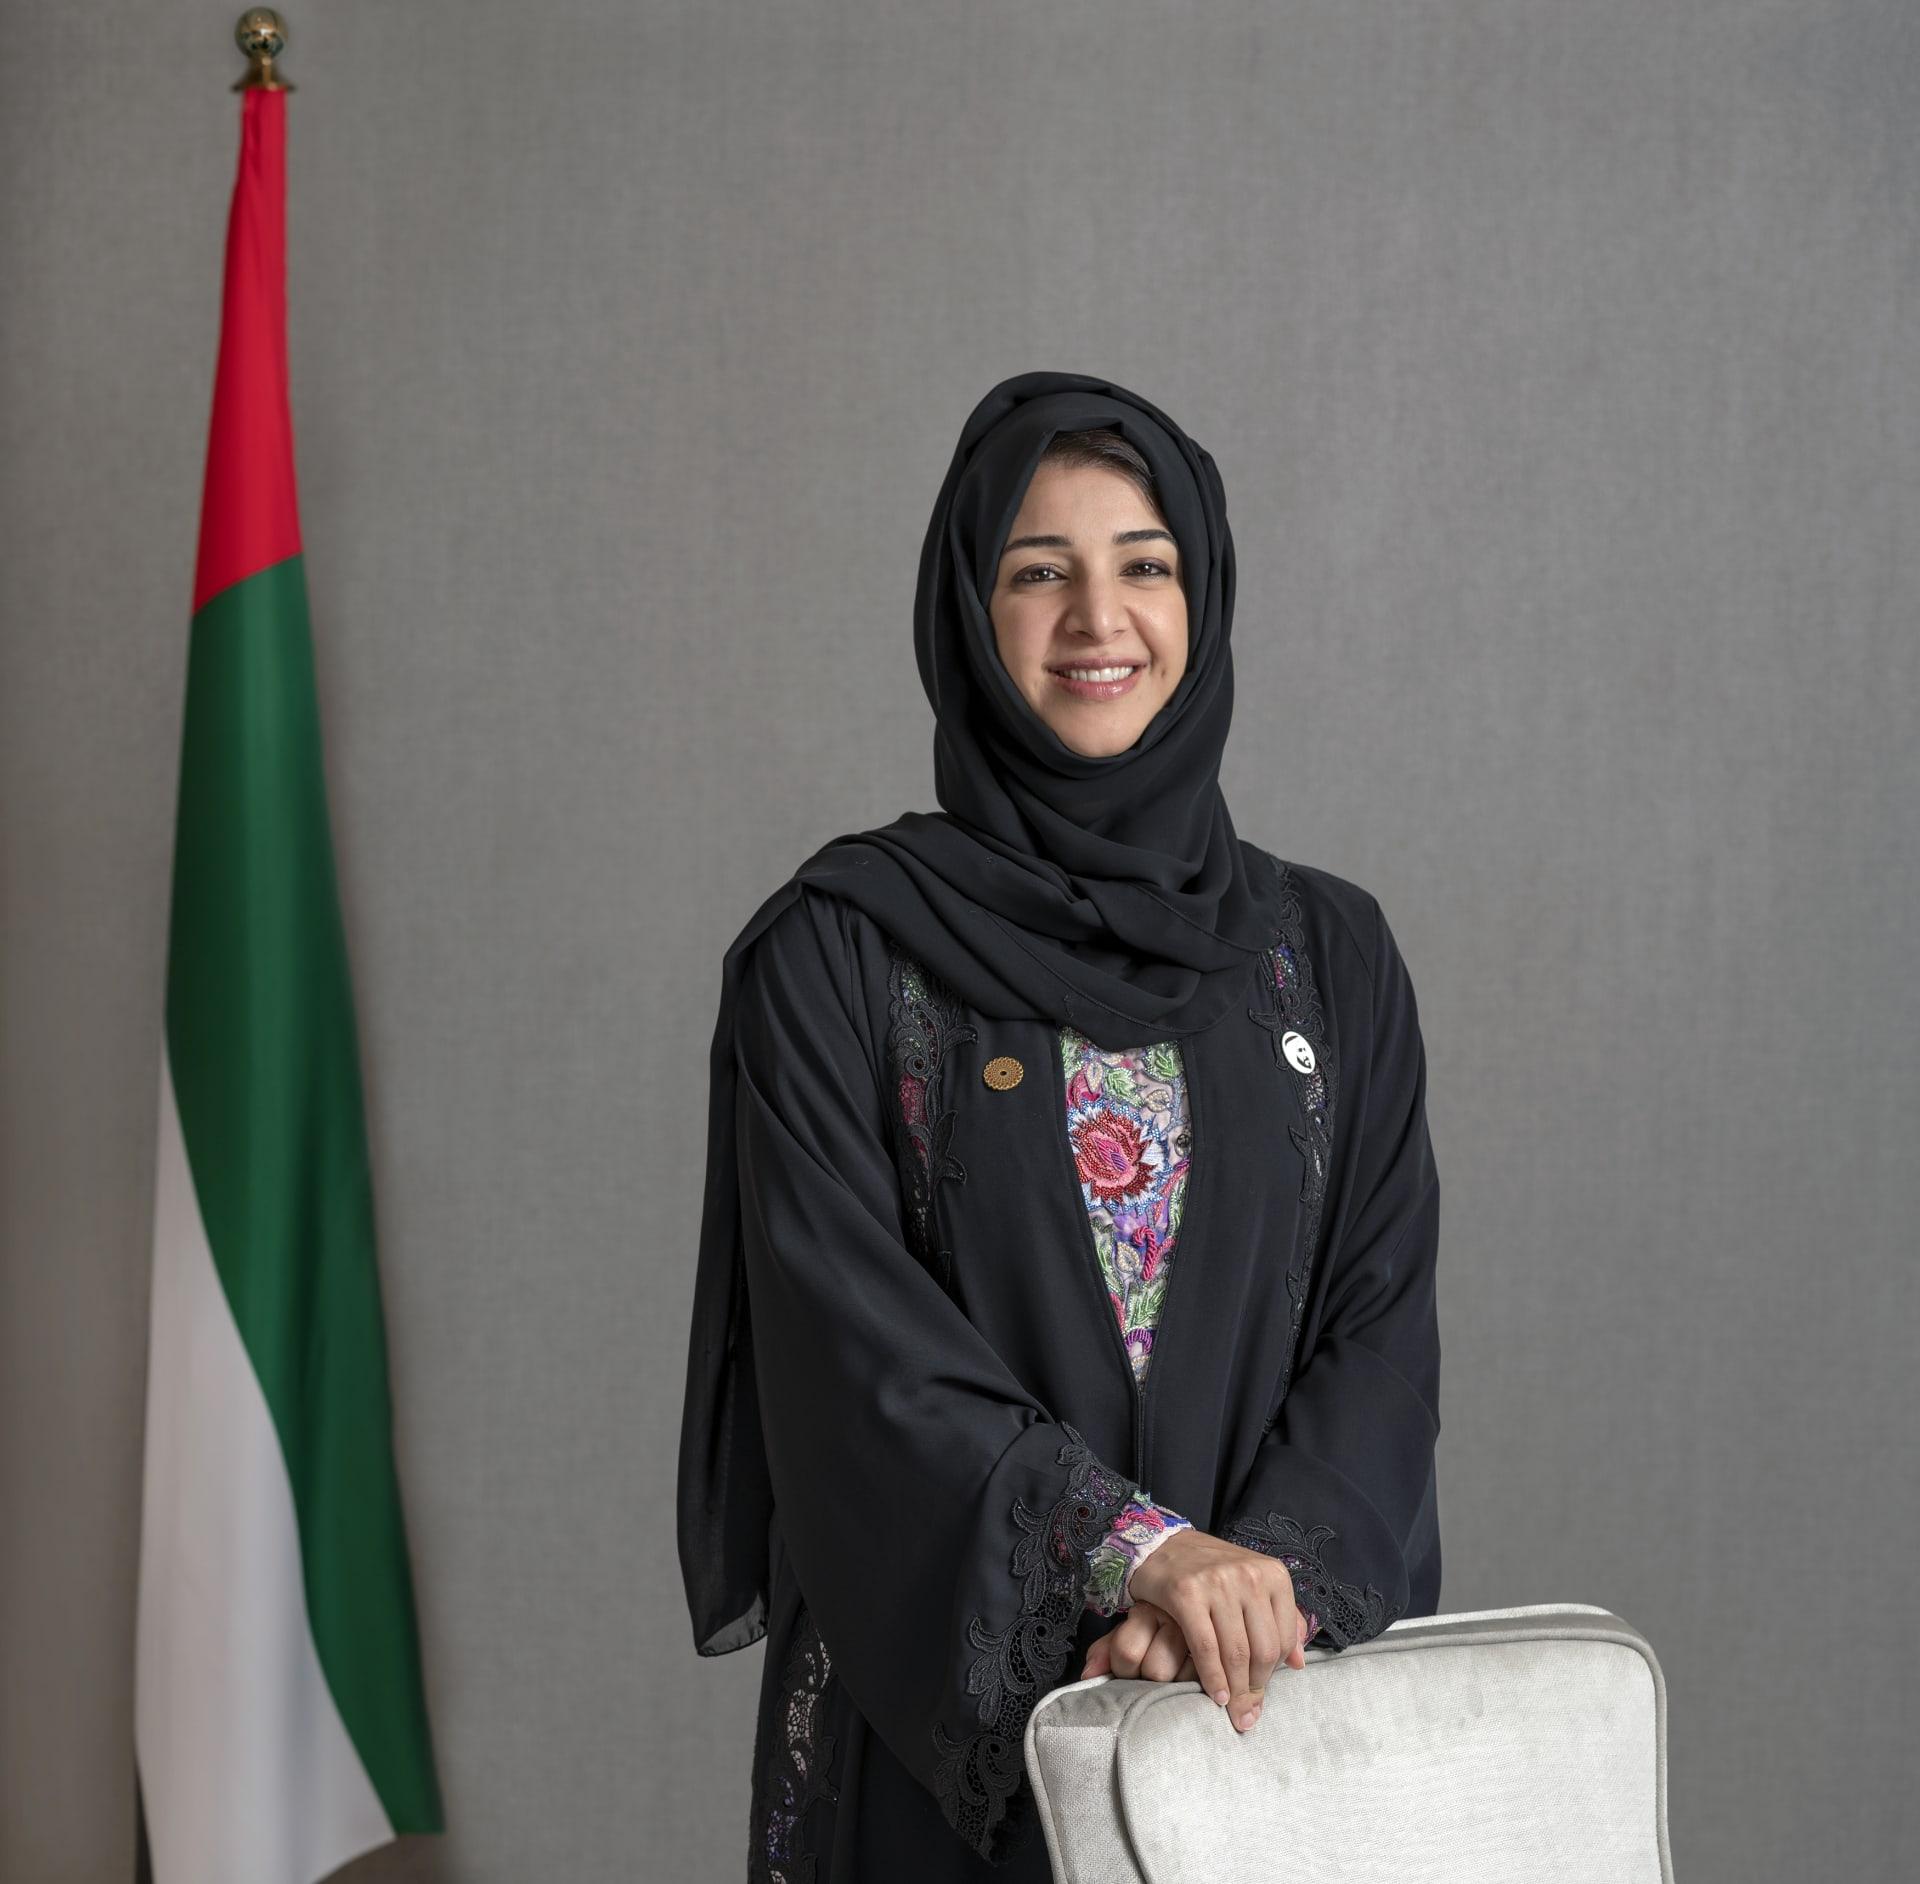 ريم الهاشمي، وزيرة الدولة لشؤون التعاون الدولي والمديرة العامة لمكتب إكسبو 2020 دبي